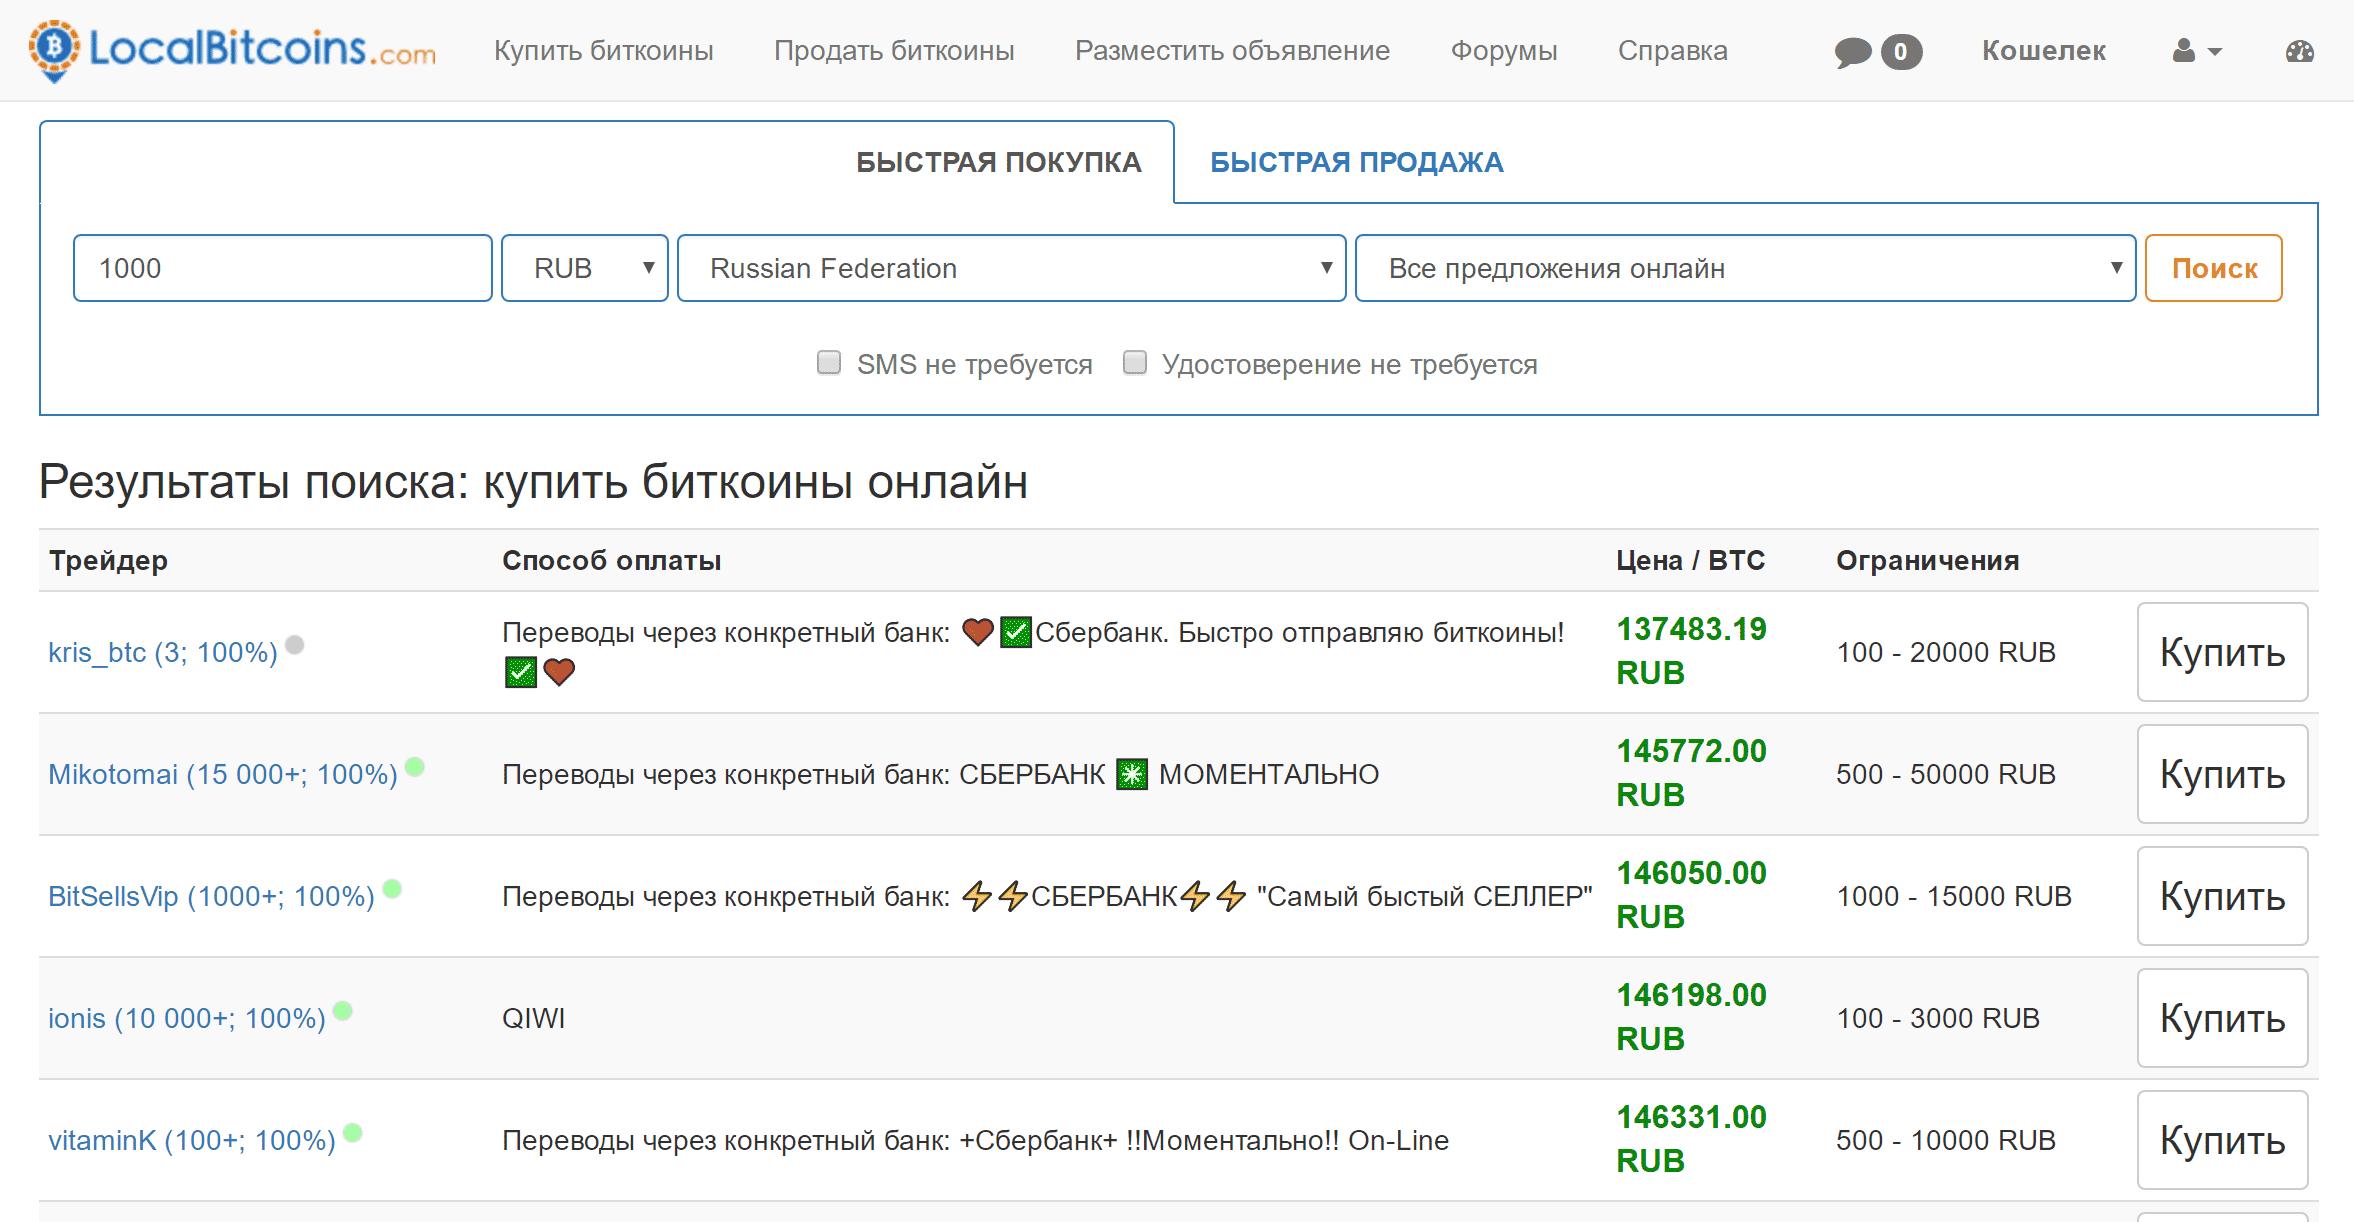 hogyan kell tárolni a bitcoinot a pc-n